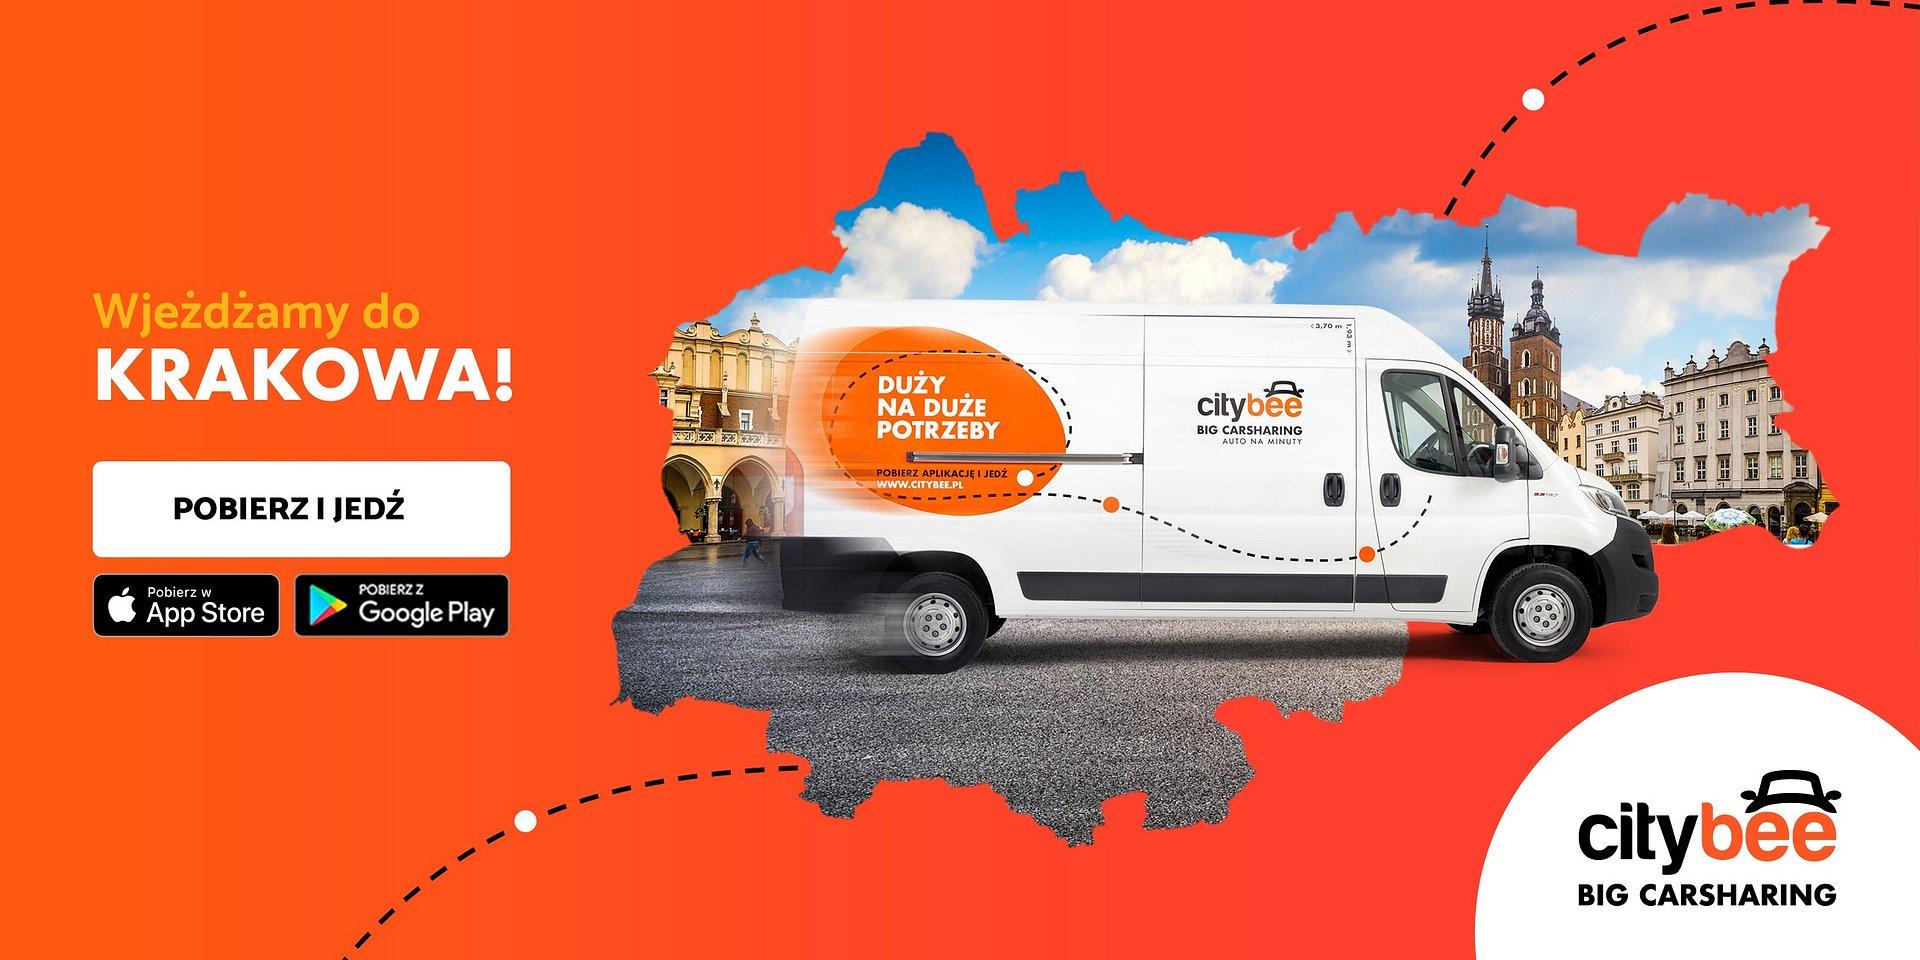 CityBee dostępne w Krakowie! Startuje wynajem dostawczaków na minuty